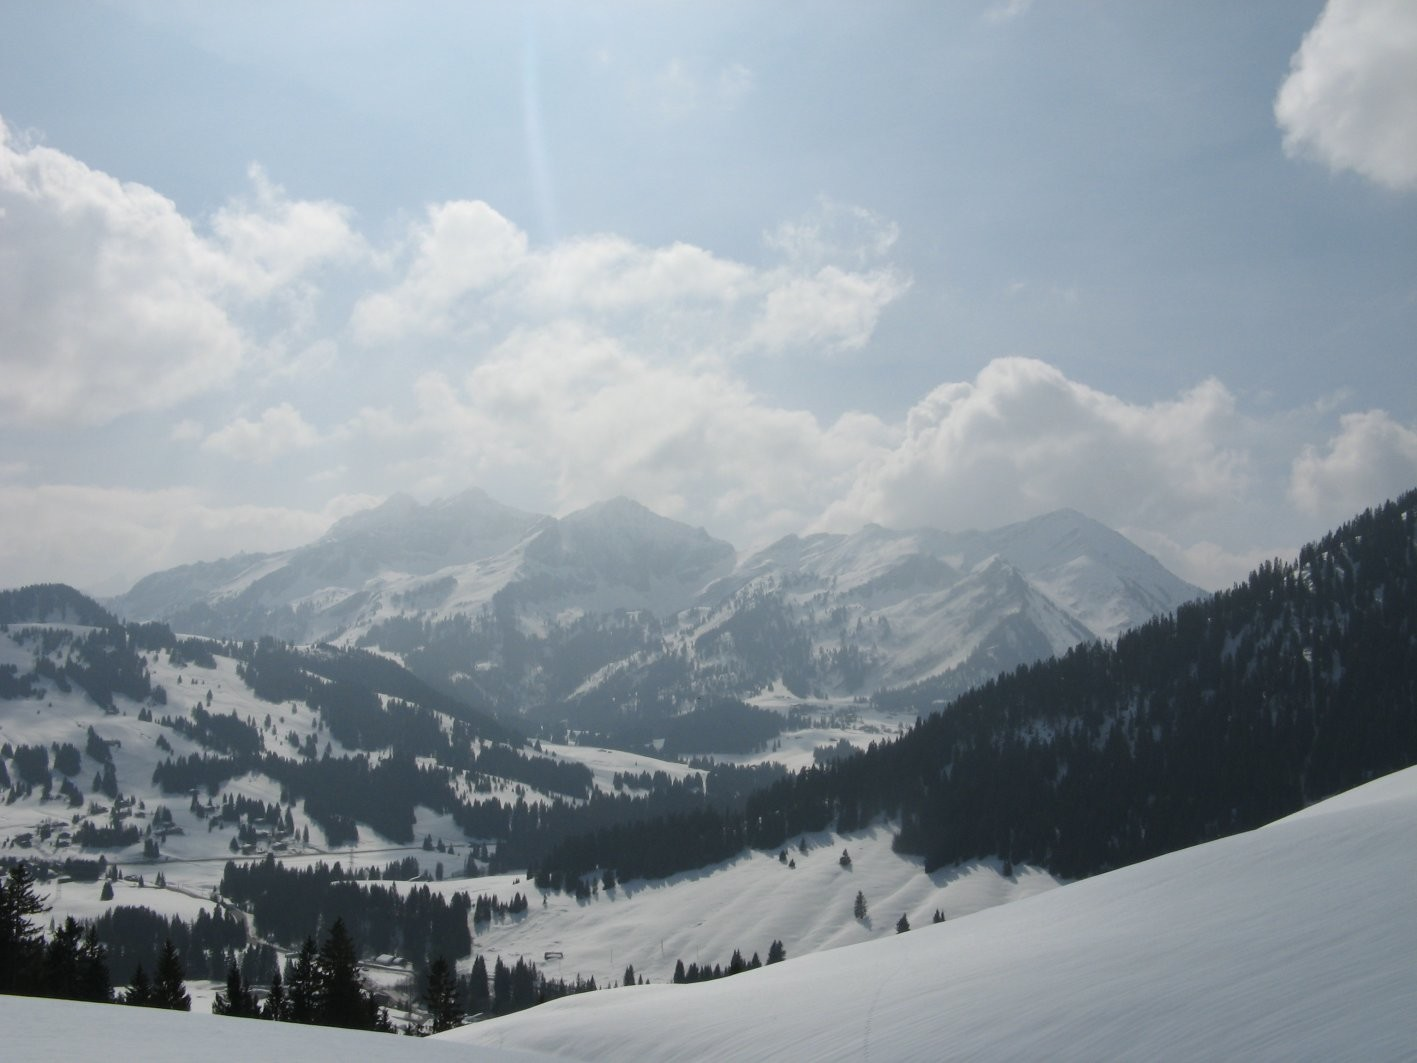 Depuis les Monts Chevreuils: Pic Chaussy, Châtillon, Tarent, Para, etc,